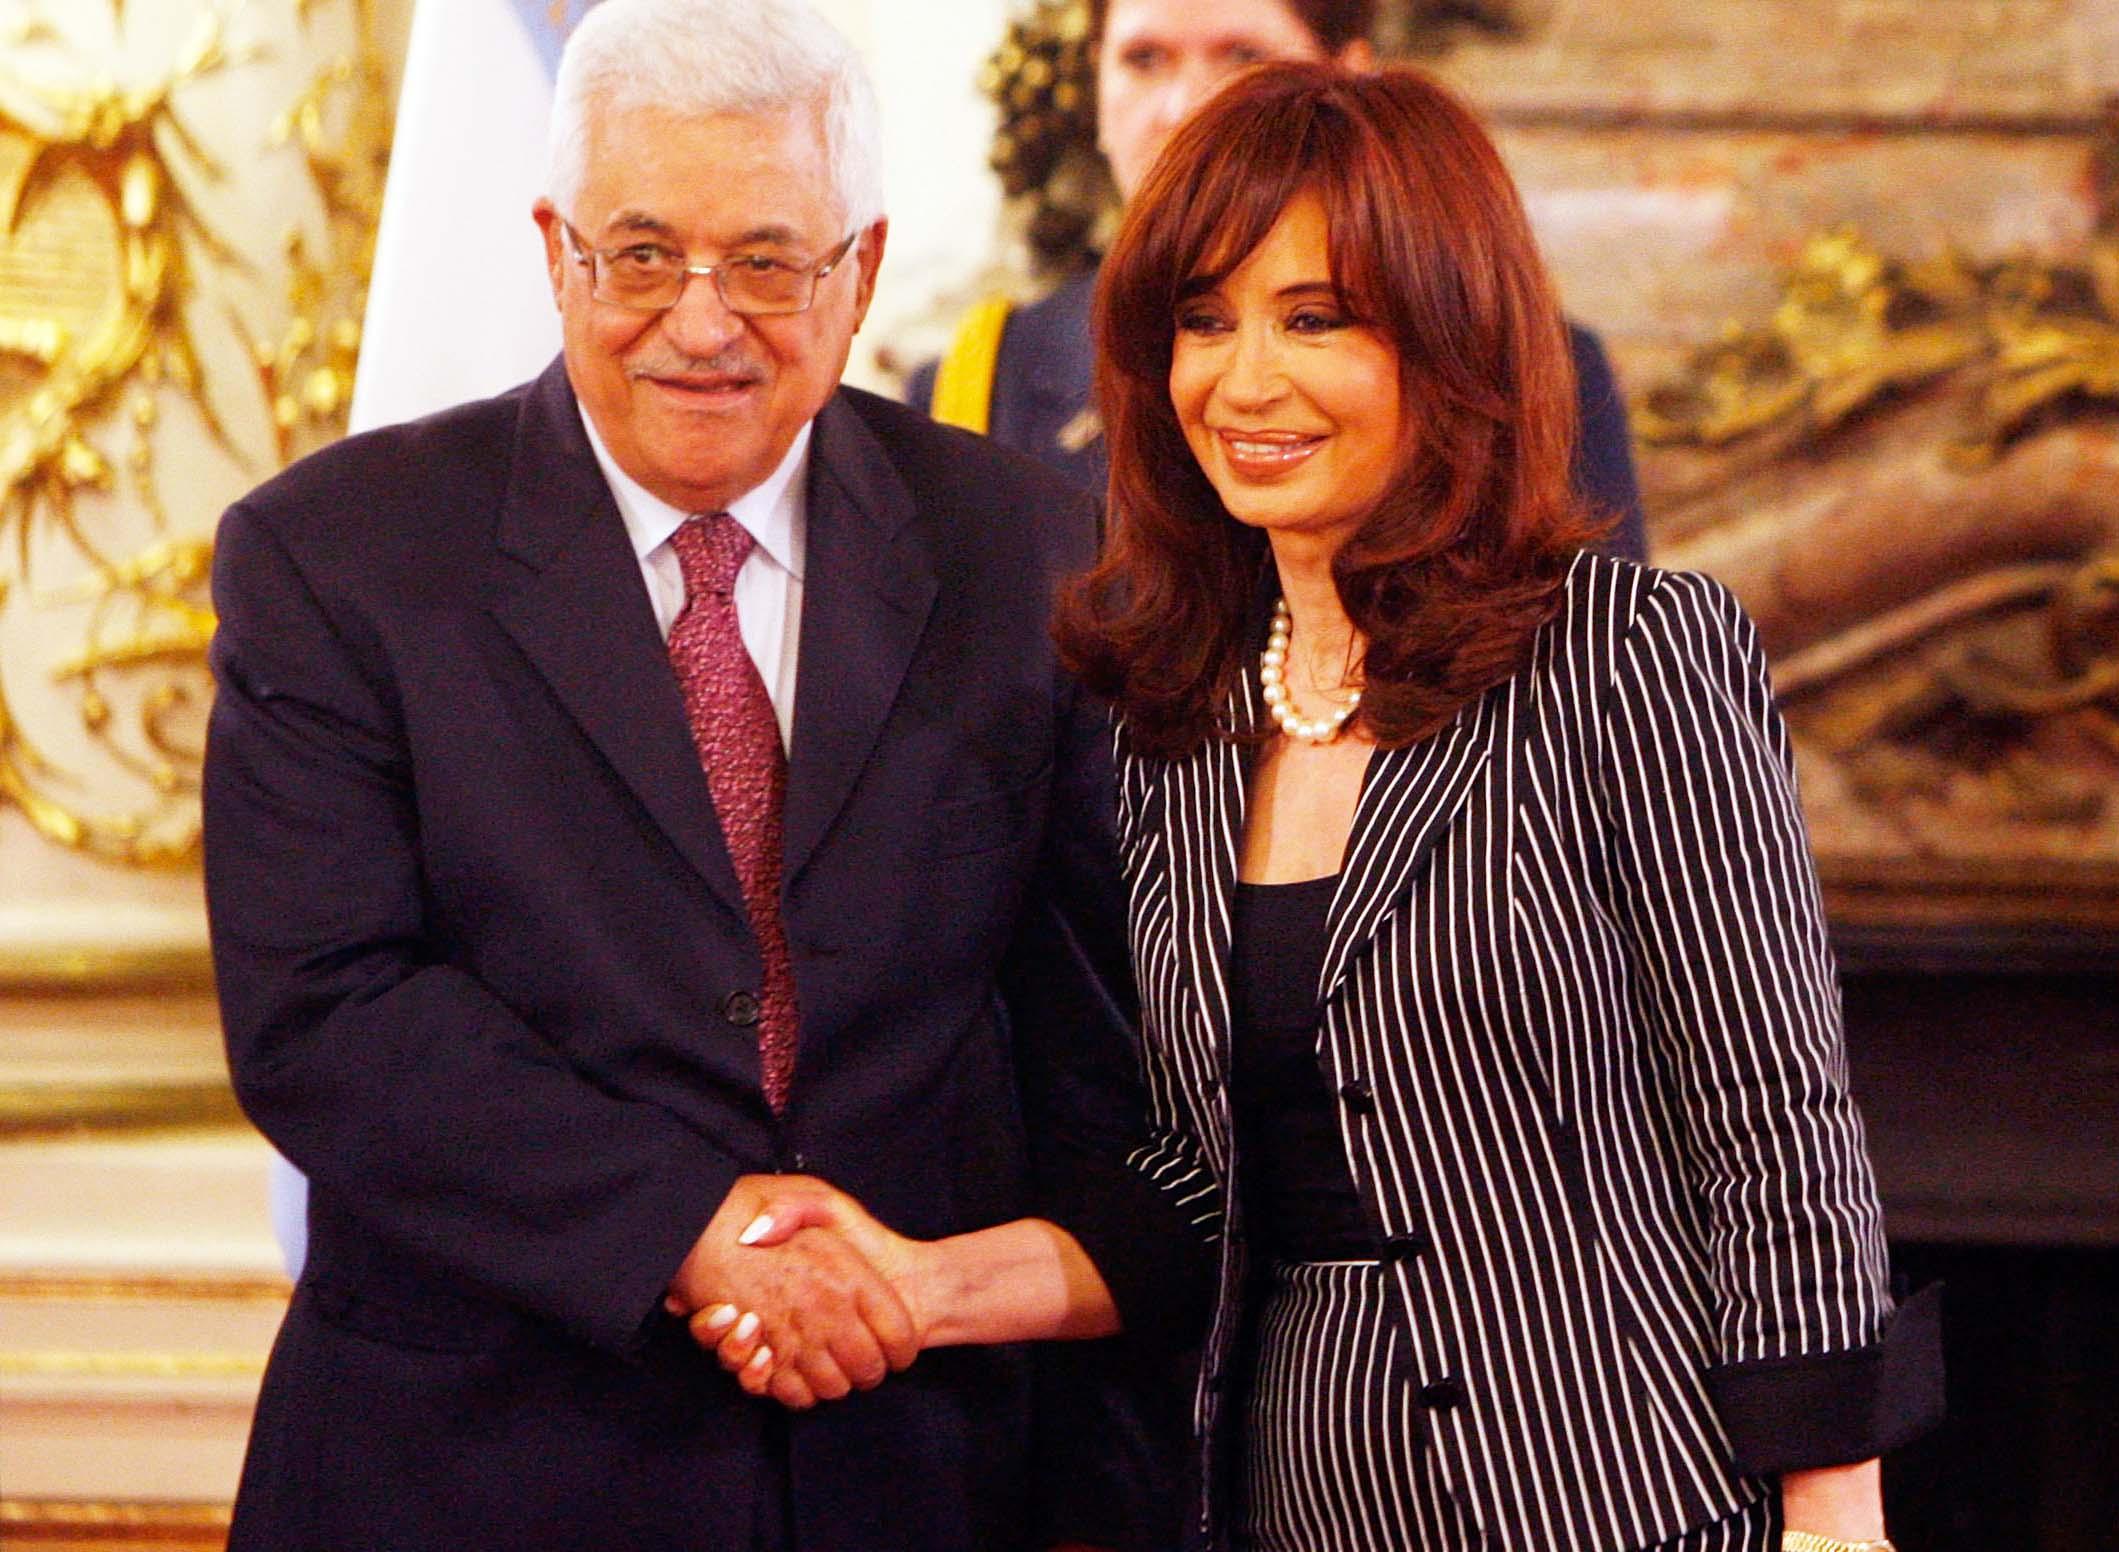 Kirchner con il presidente palestinese Mahmoud Abbas (Abu Mazen)